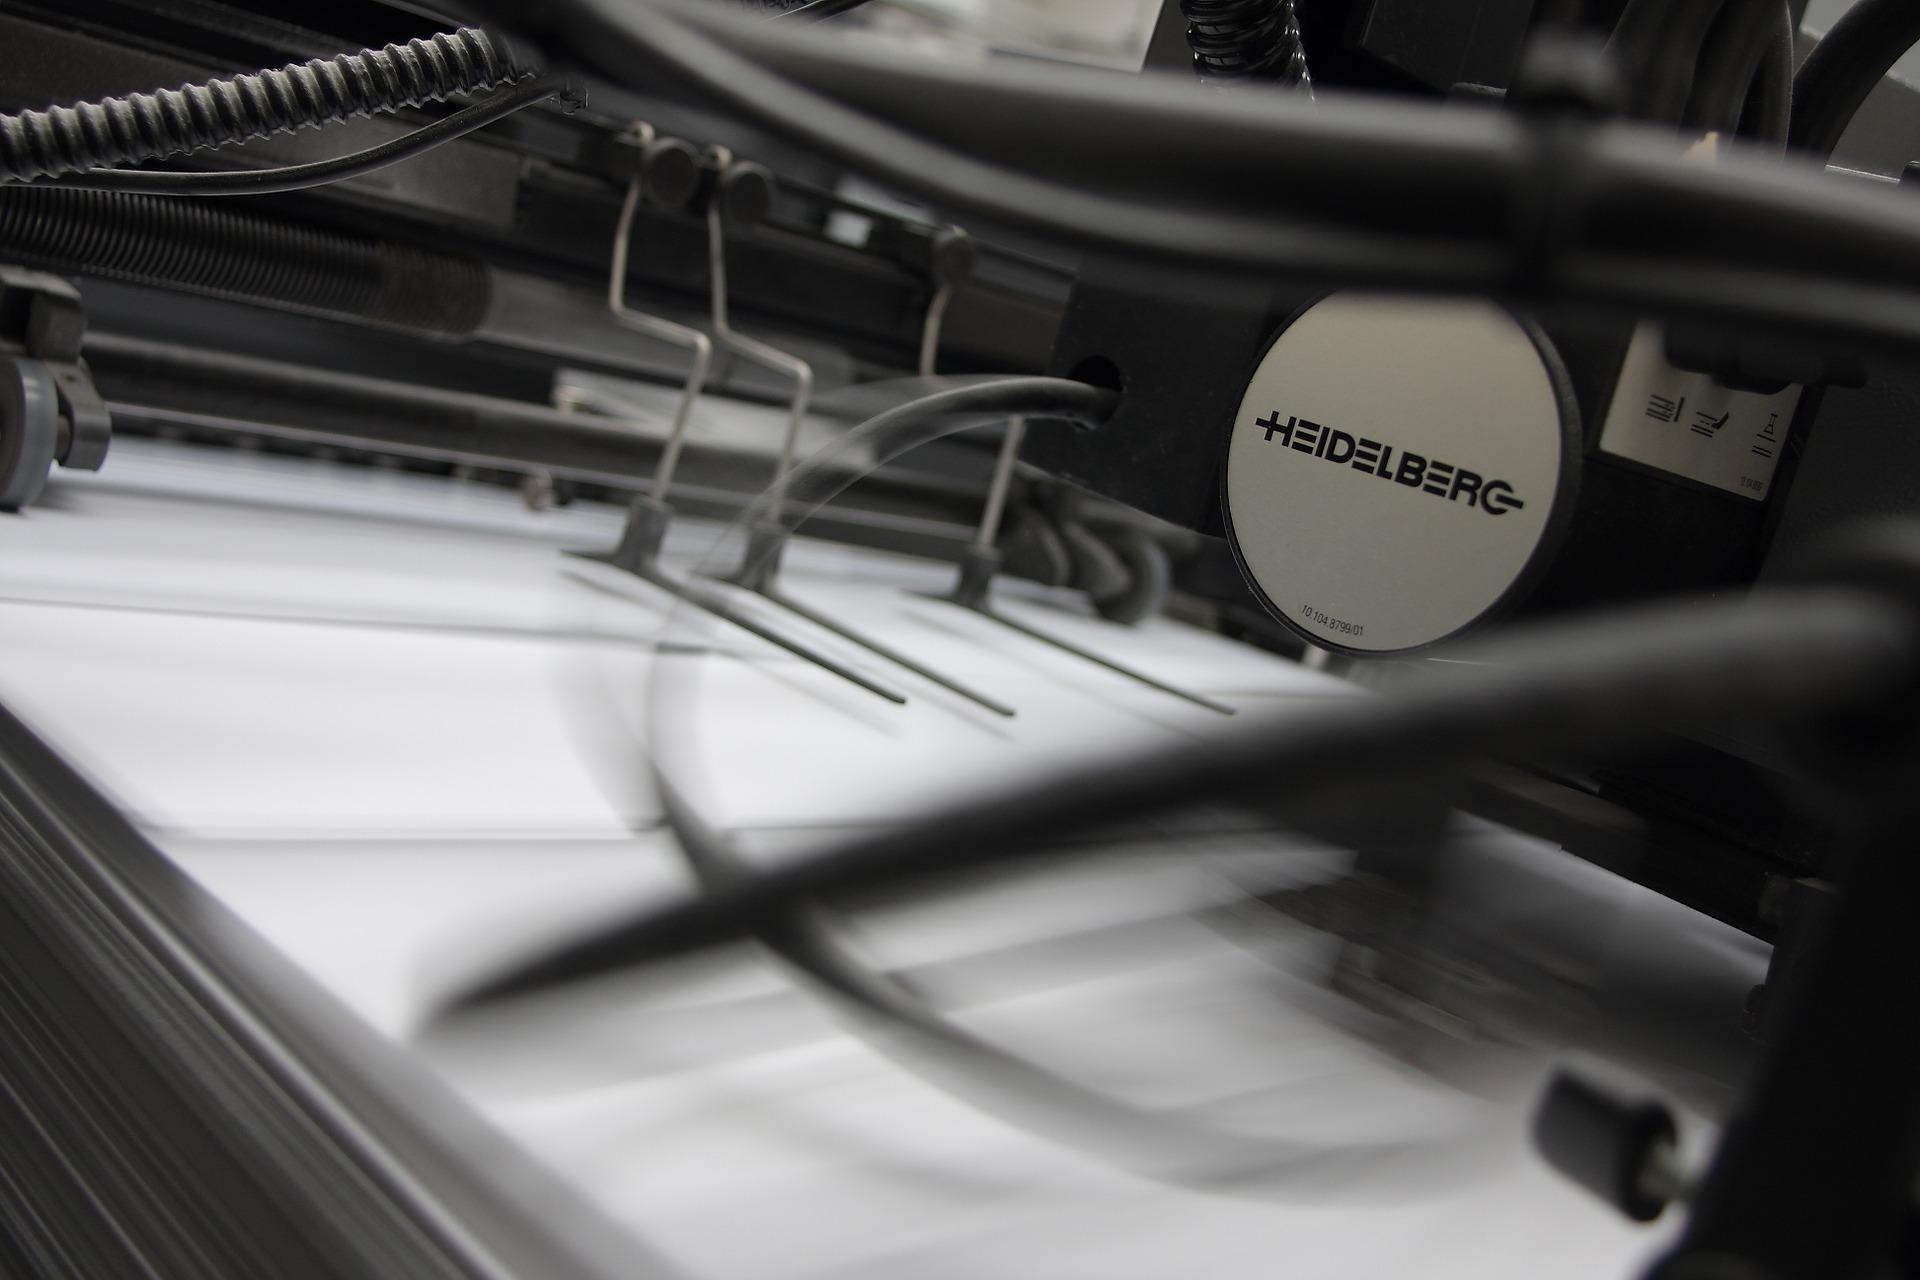 Impresión offset: Su curioso origen y cómo se empezó a utilizar